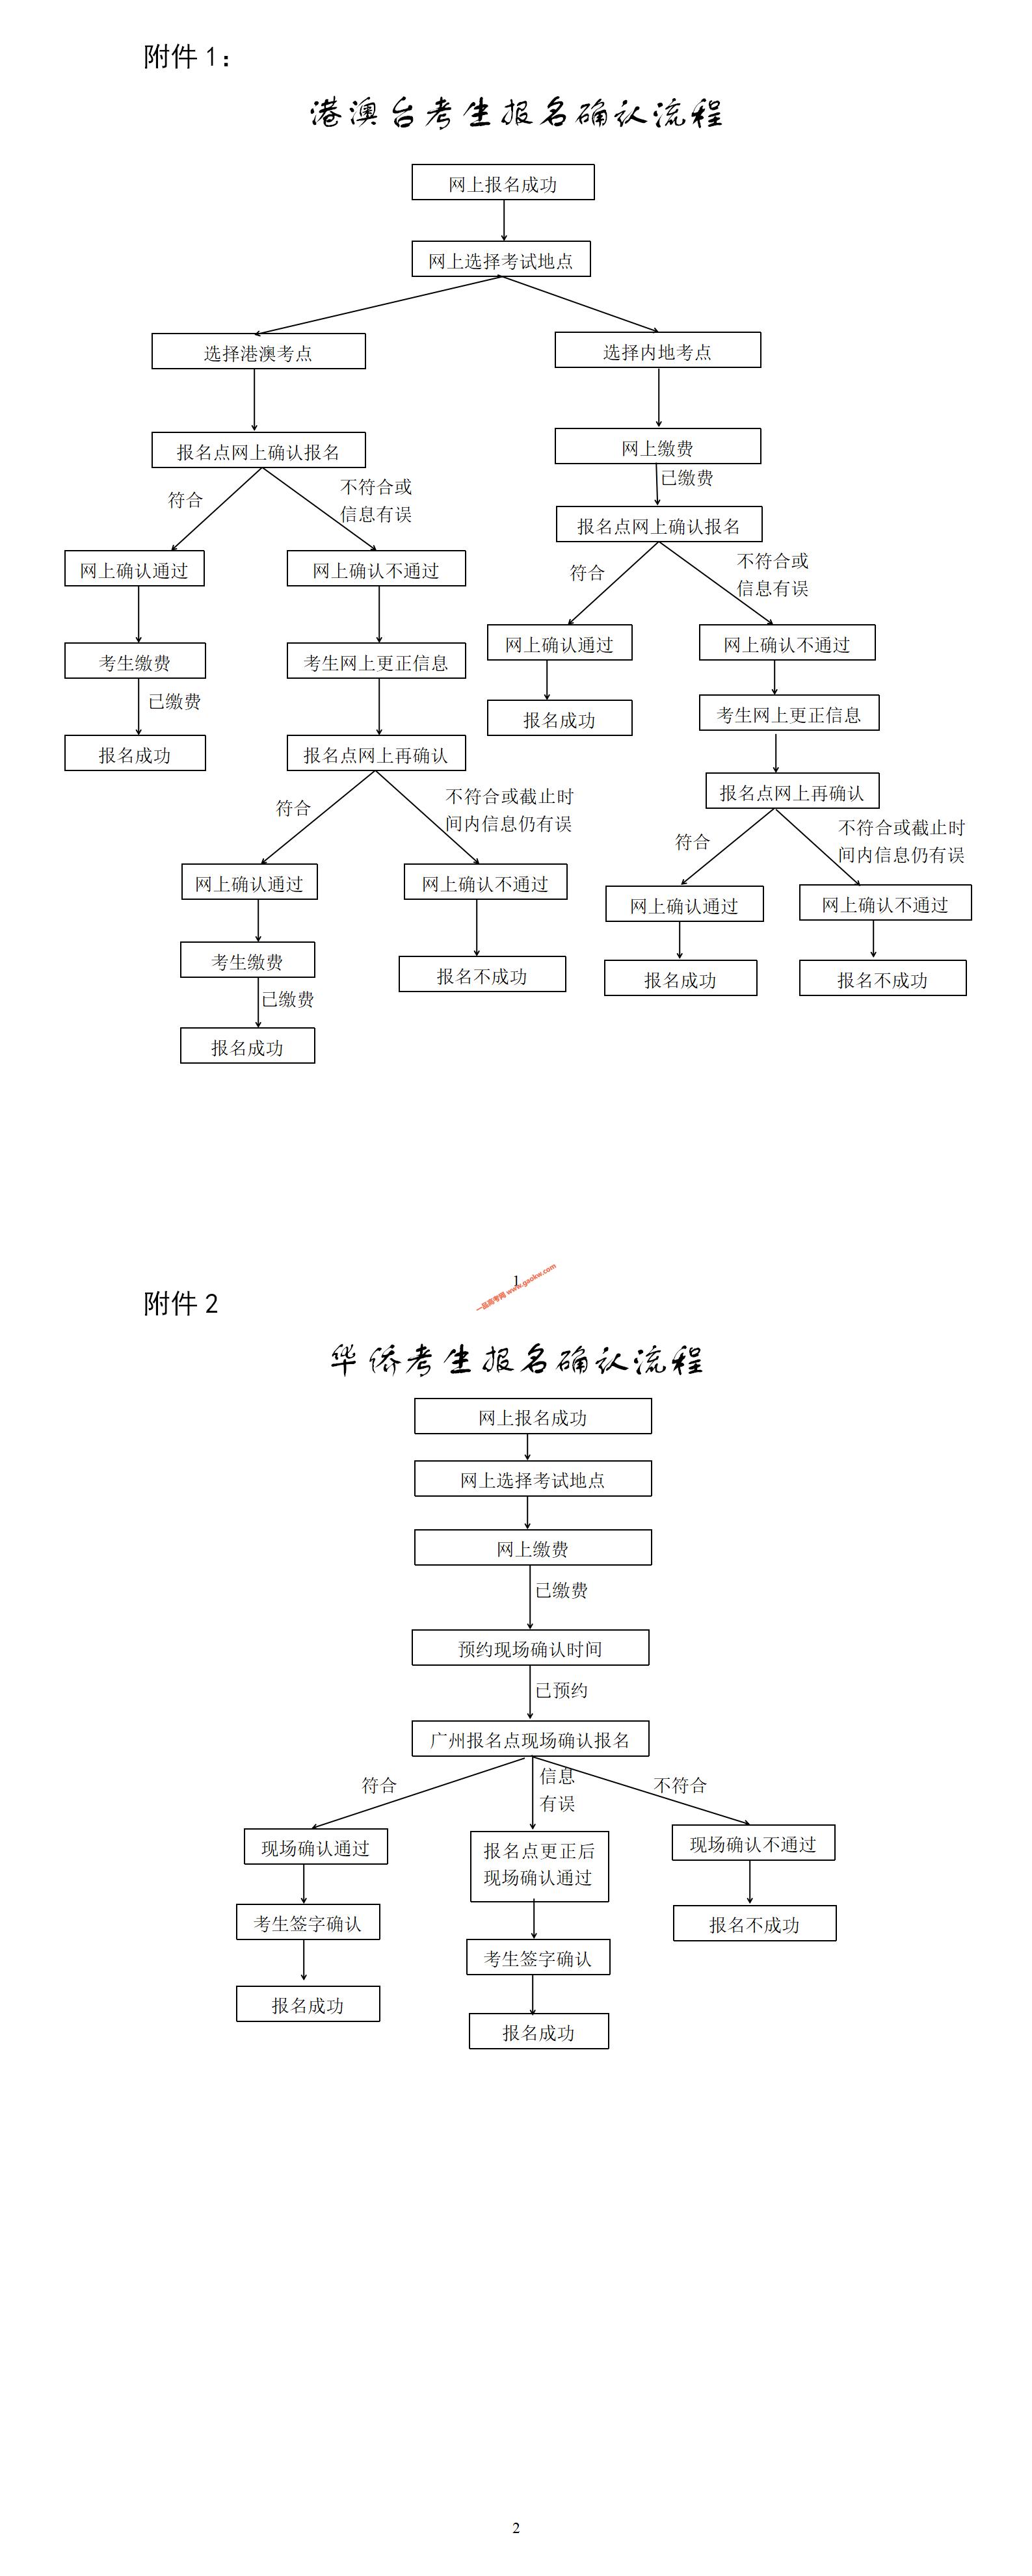 广东2020年普通高校联合招收华侨港澳台学生报名确认公告